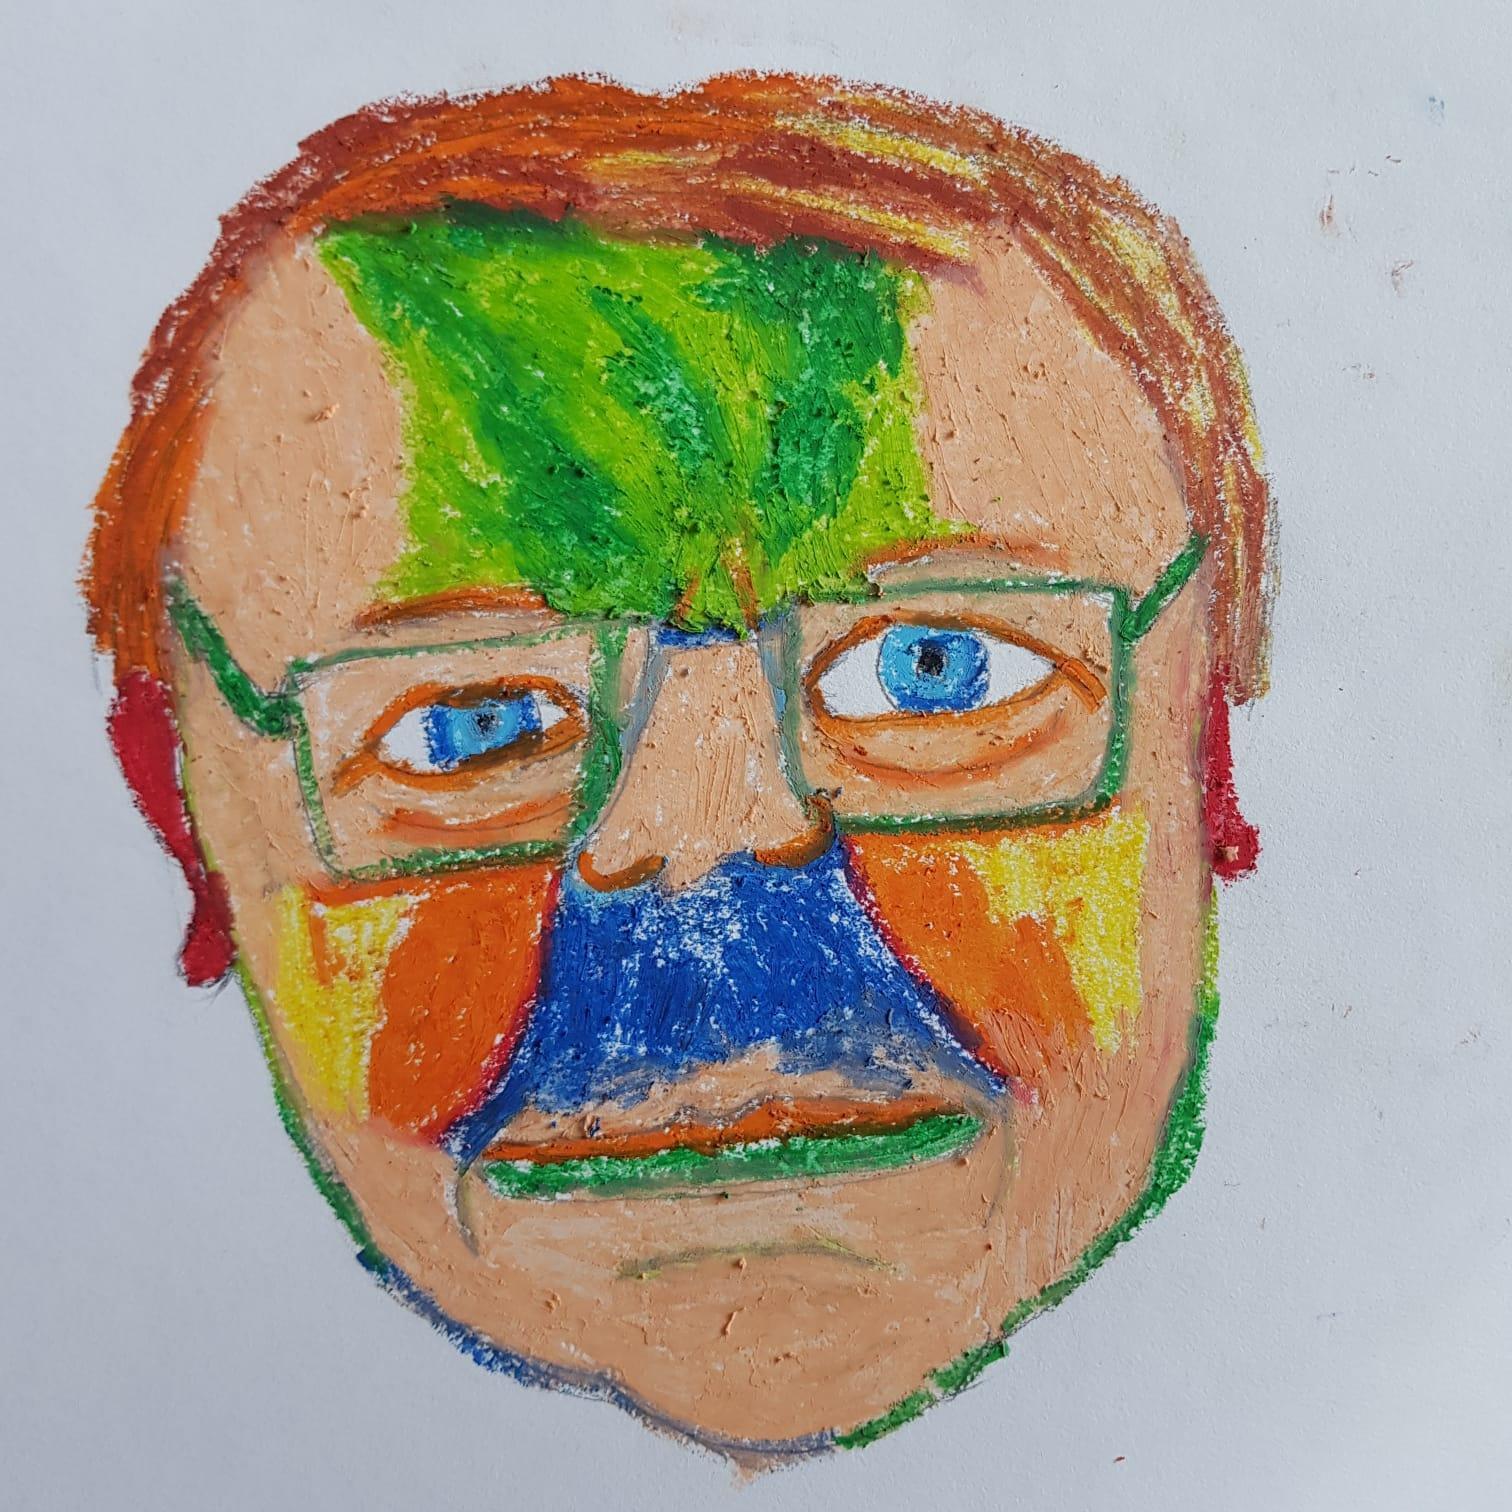 Porträtt av Oscar målat i oljepastell i olika färger.